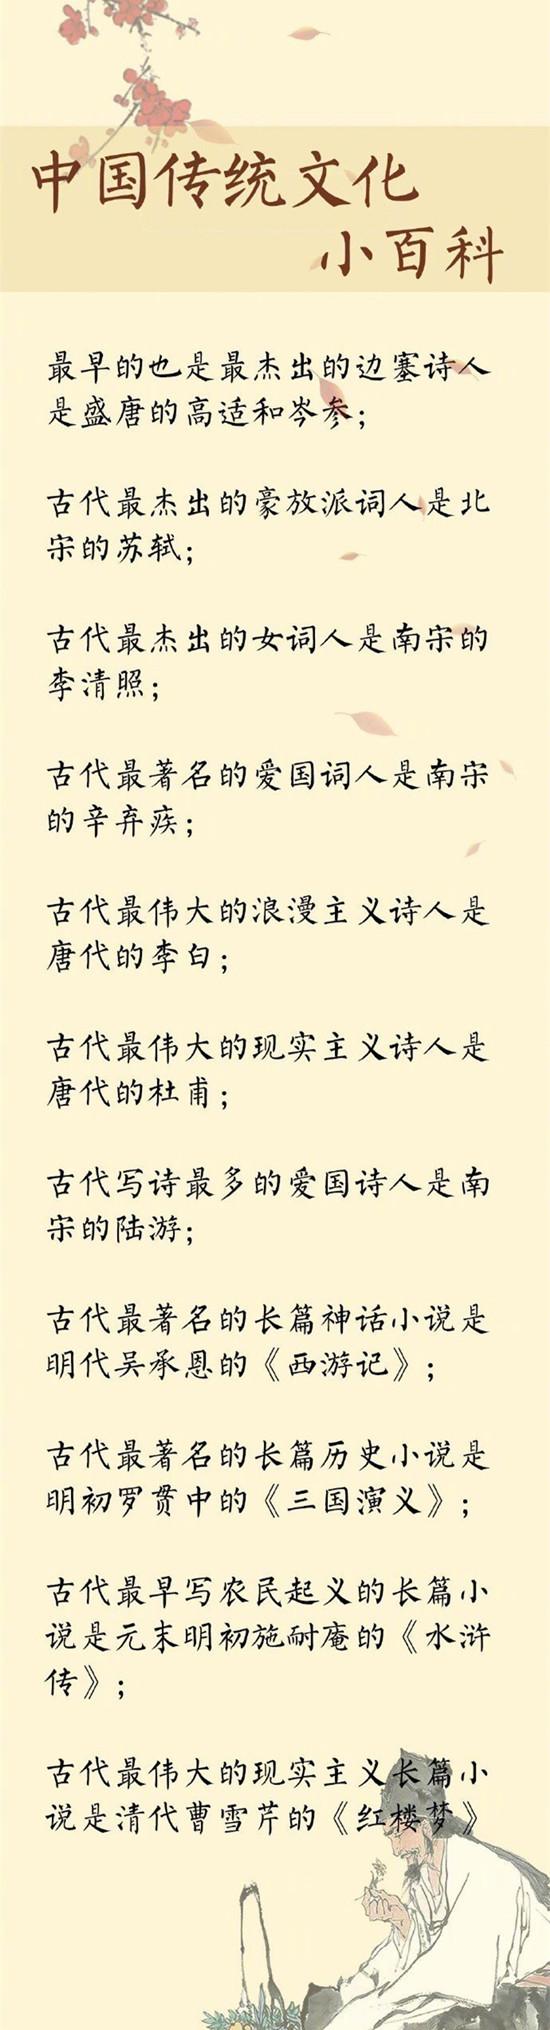 常识积累:中国传统文化小百科